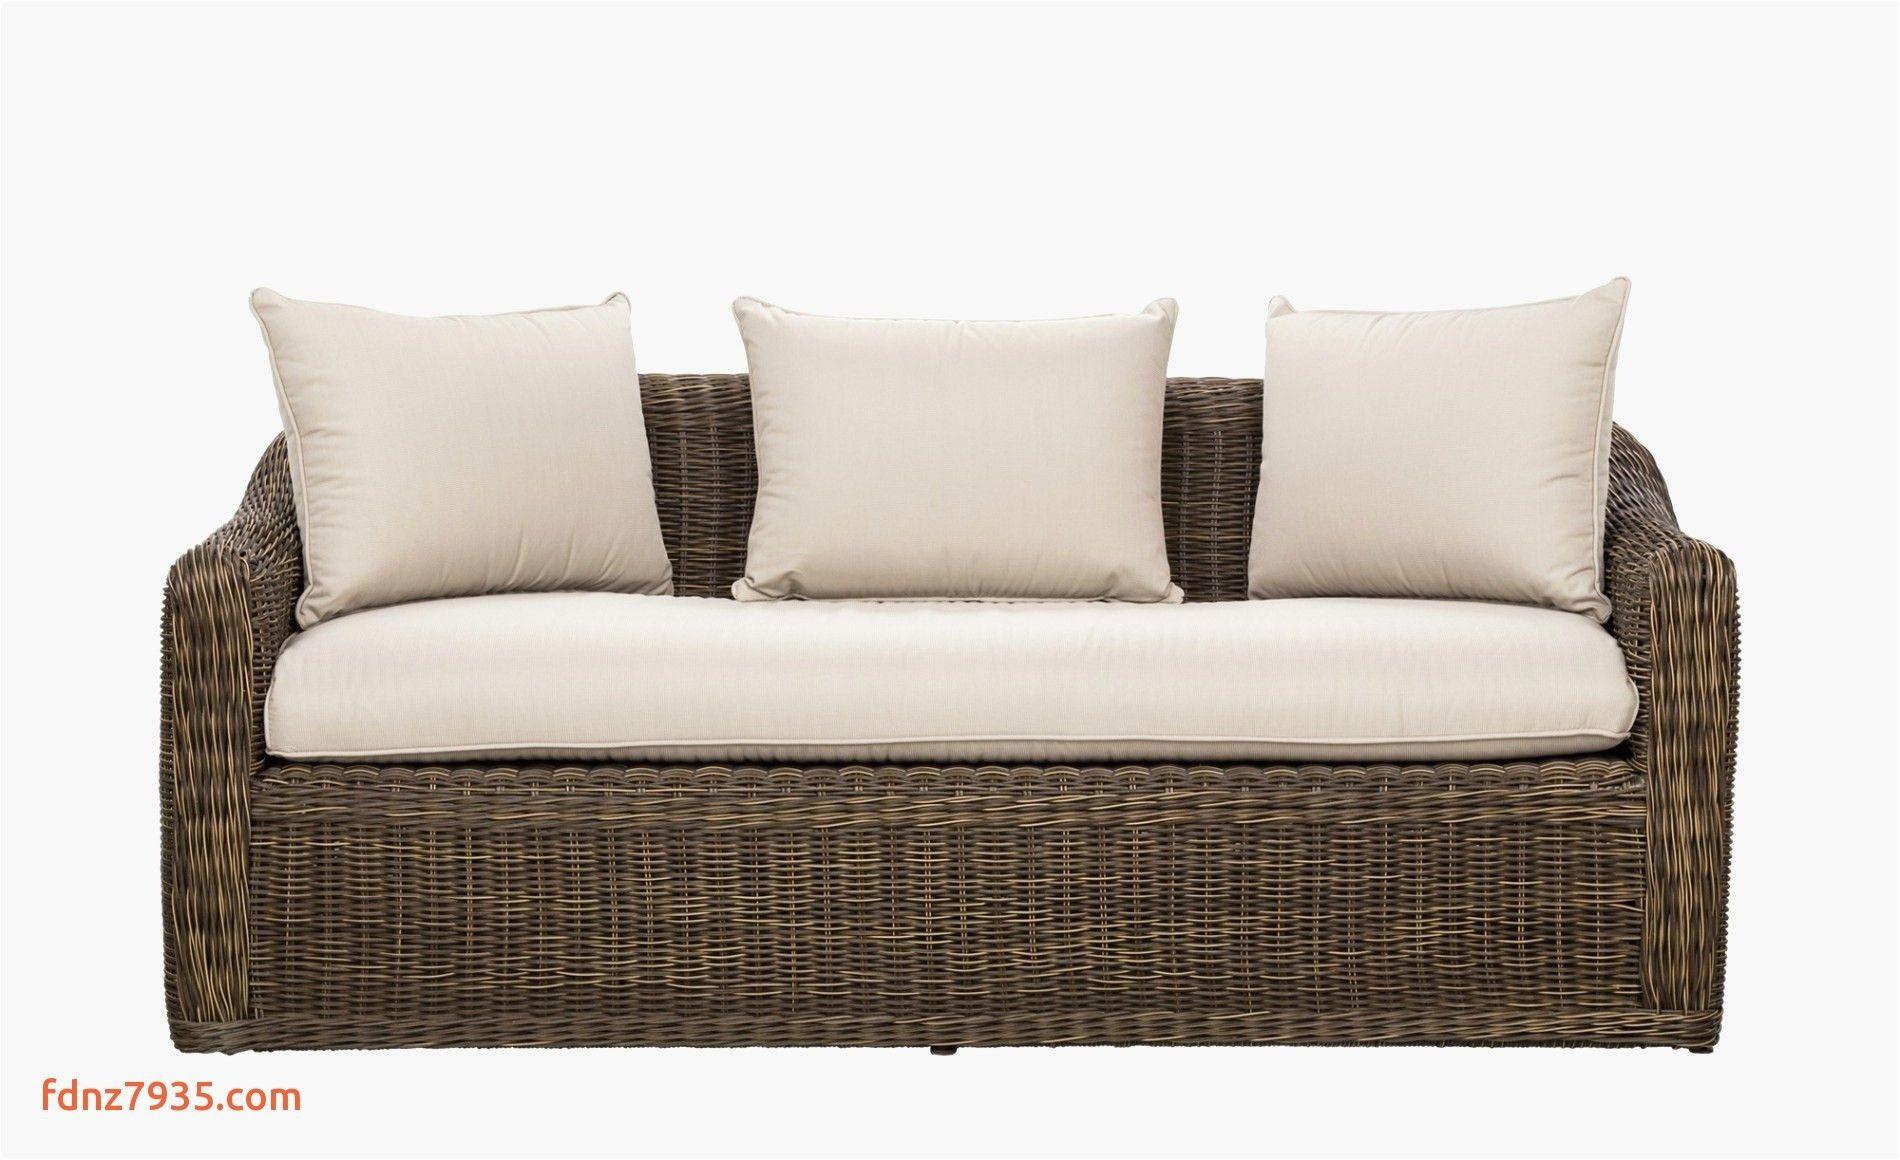 Stoff Unter Dem sofa 23 Elegante Jack Knife sofa Cover sofa